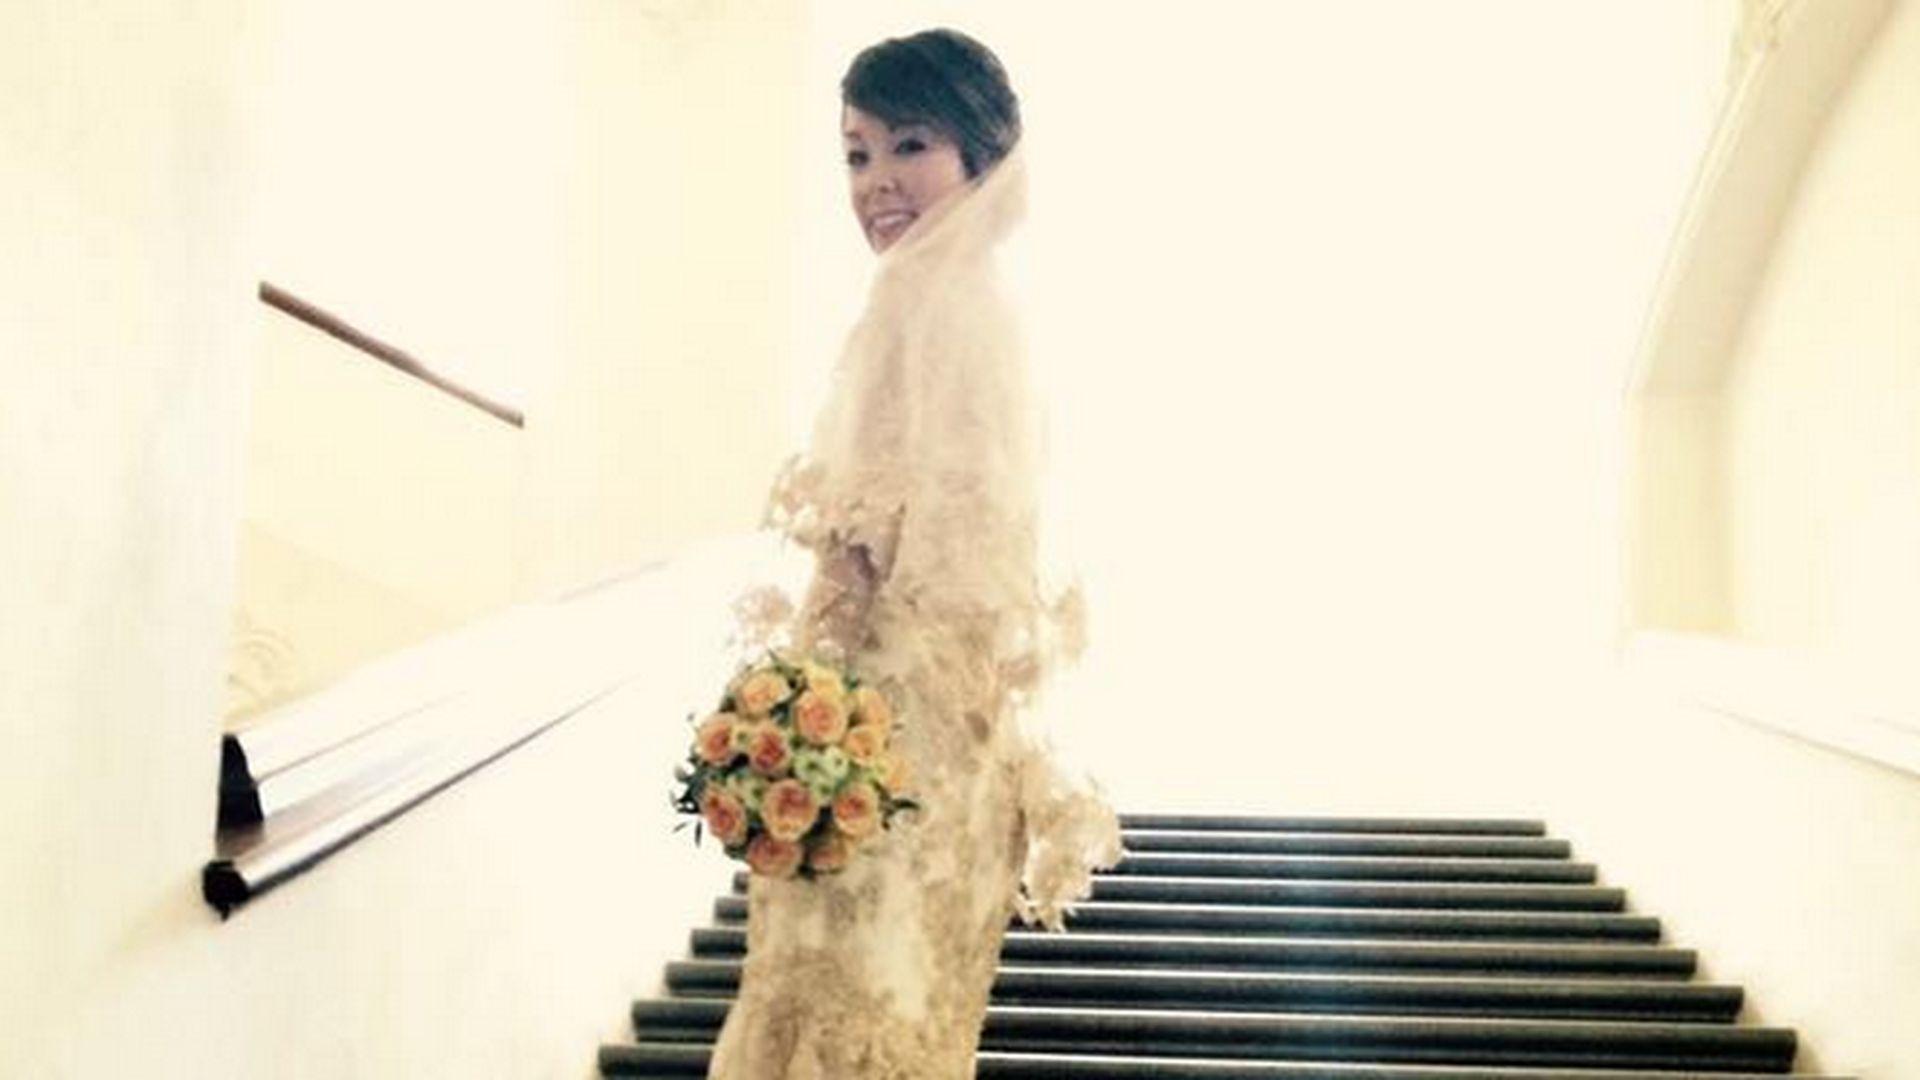 Wunderbar Hochzeitskleid Spenden Ideen - Hochzeit Kleid Stile Ideen ...